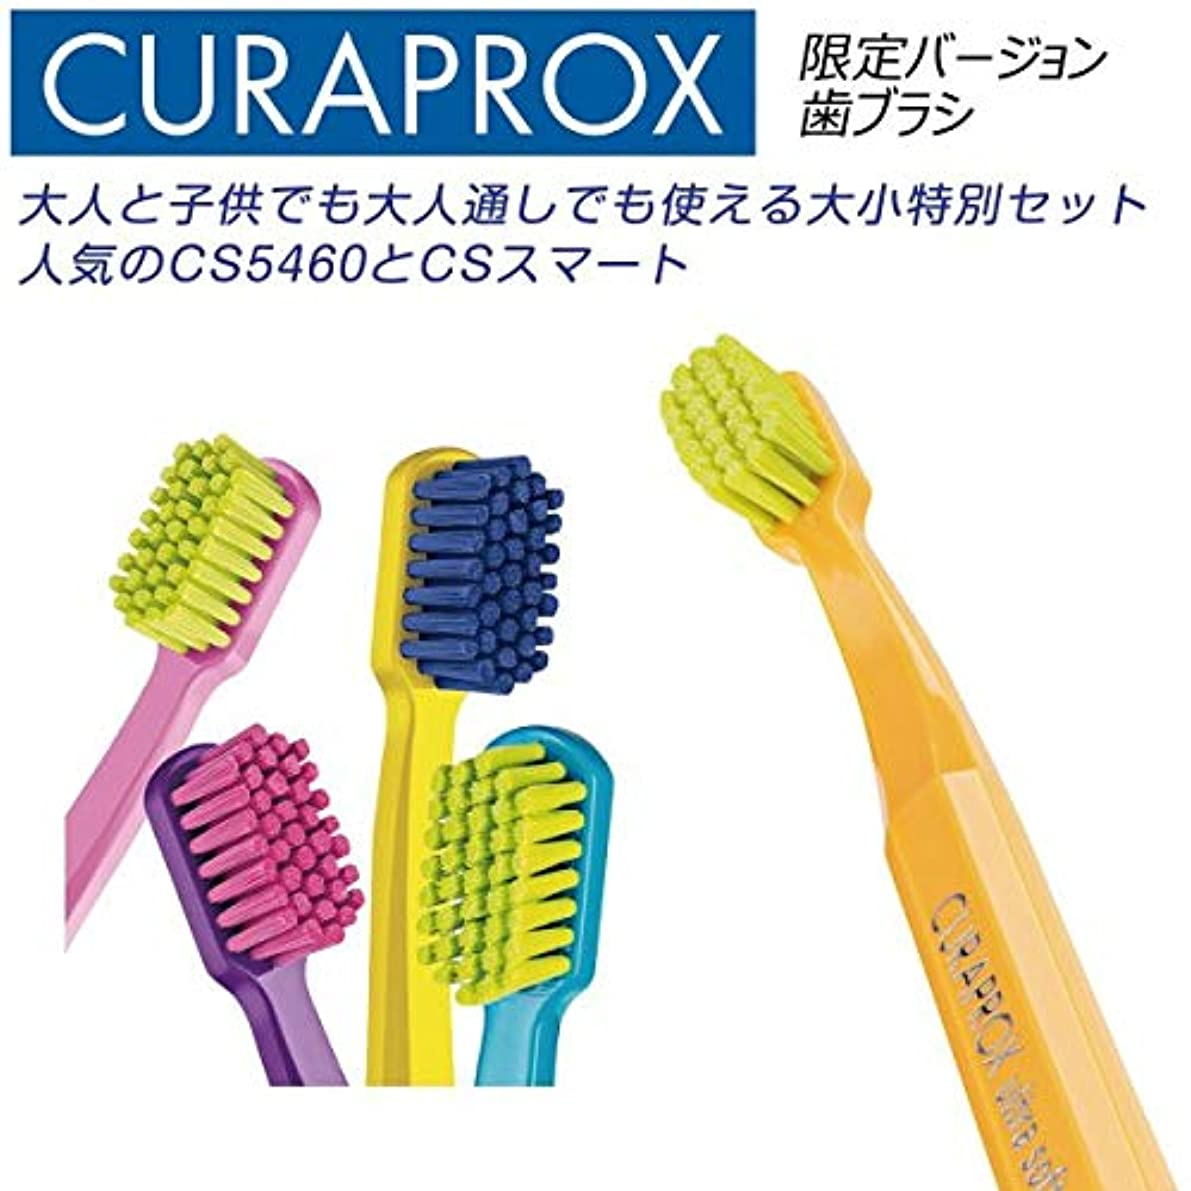 年次ようこそ罹患率クラプロックス 歯ブラシ CS5460 ファミリーエディション黄緑+ピンク